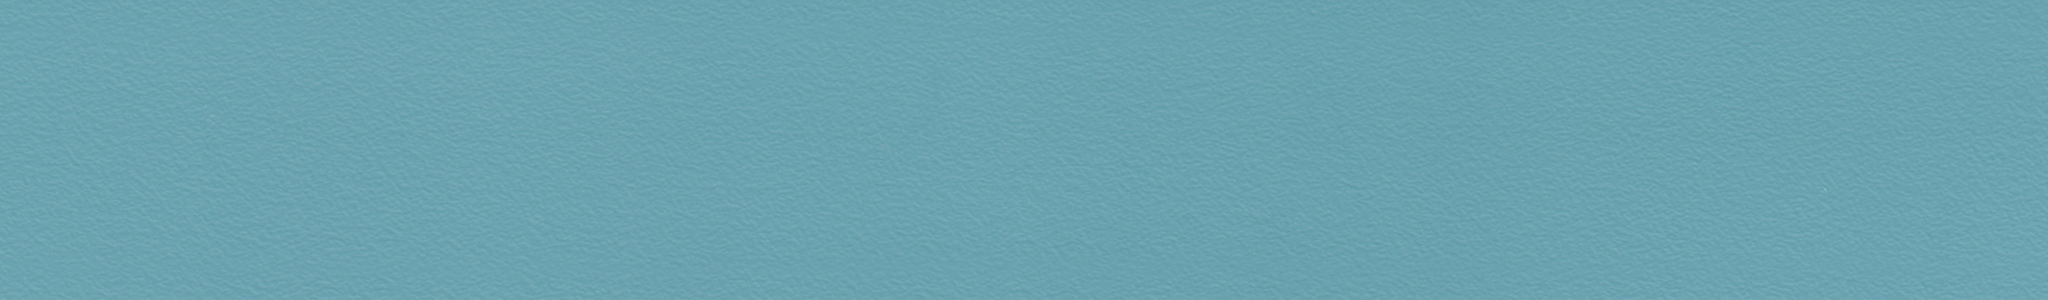 HU 15074 ABS hrana modrá perla XG